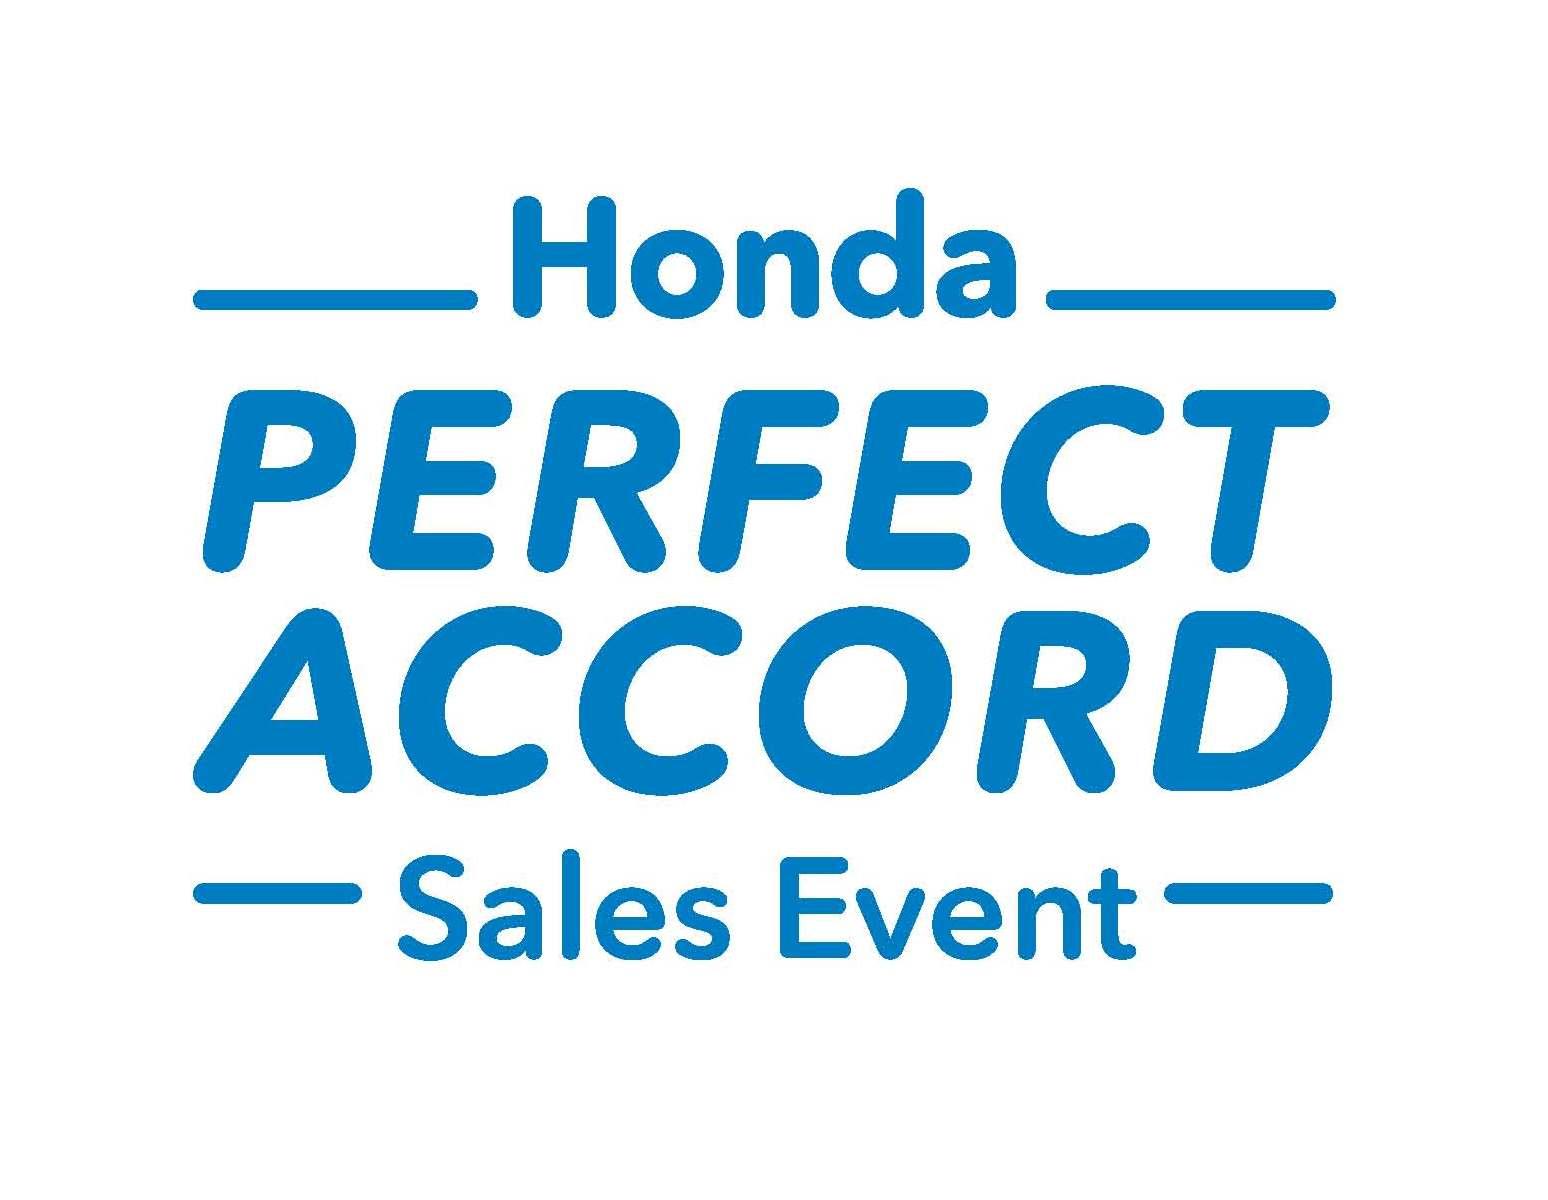 Honda Perfect Accord Sales Event at Kelly Honda in Lynn, MA